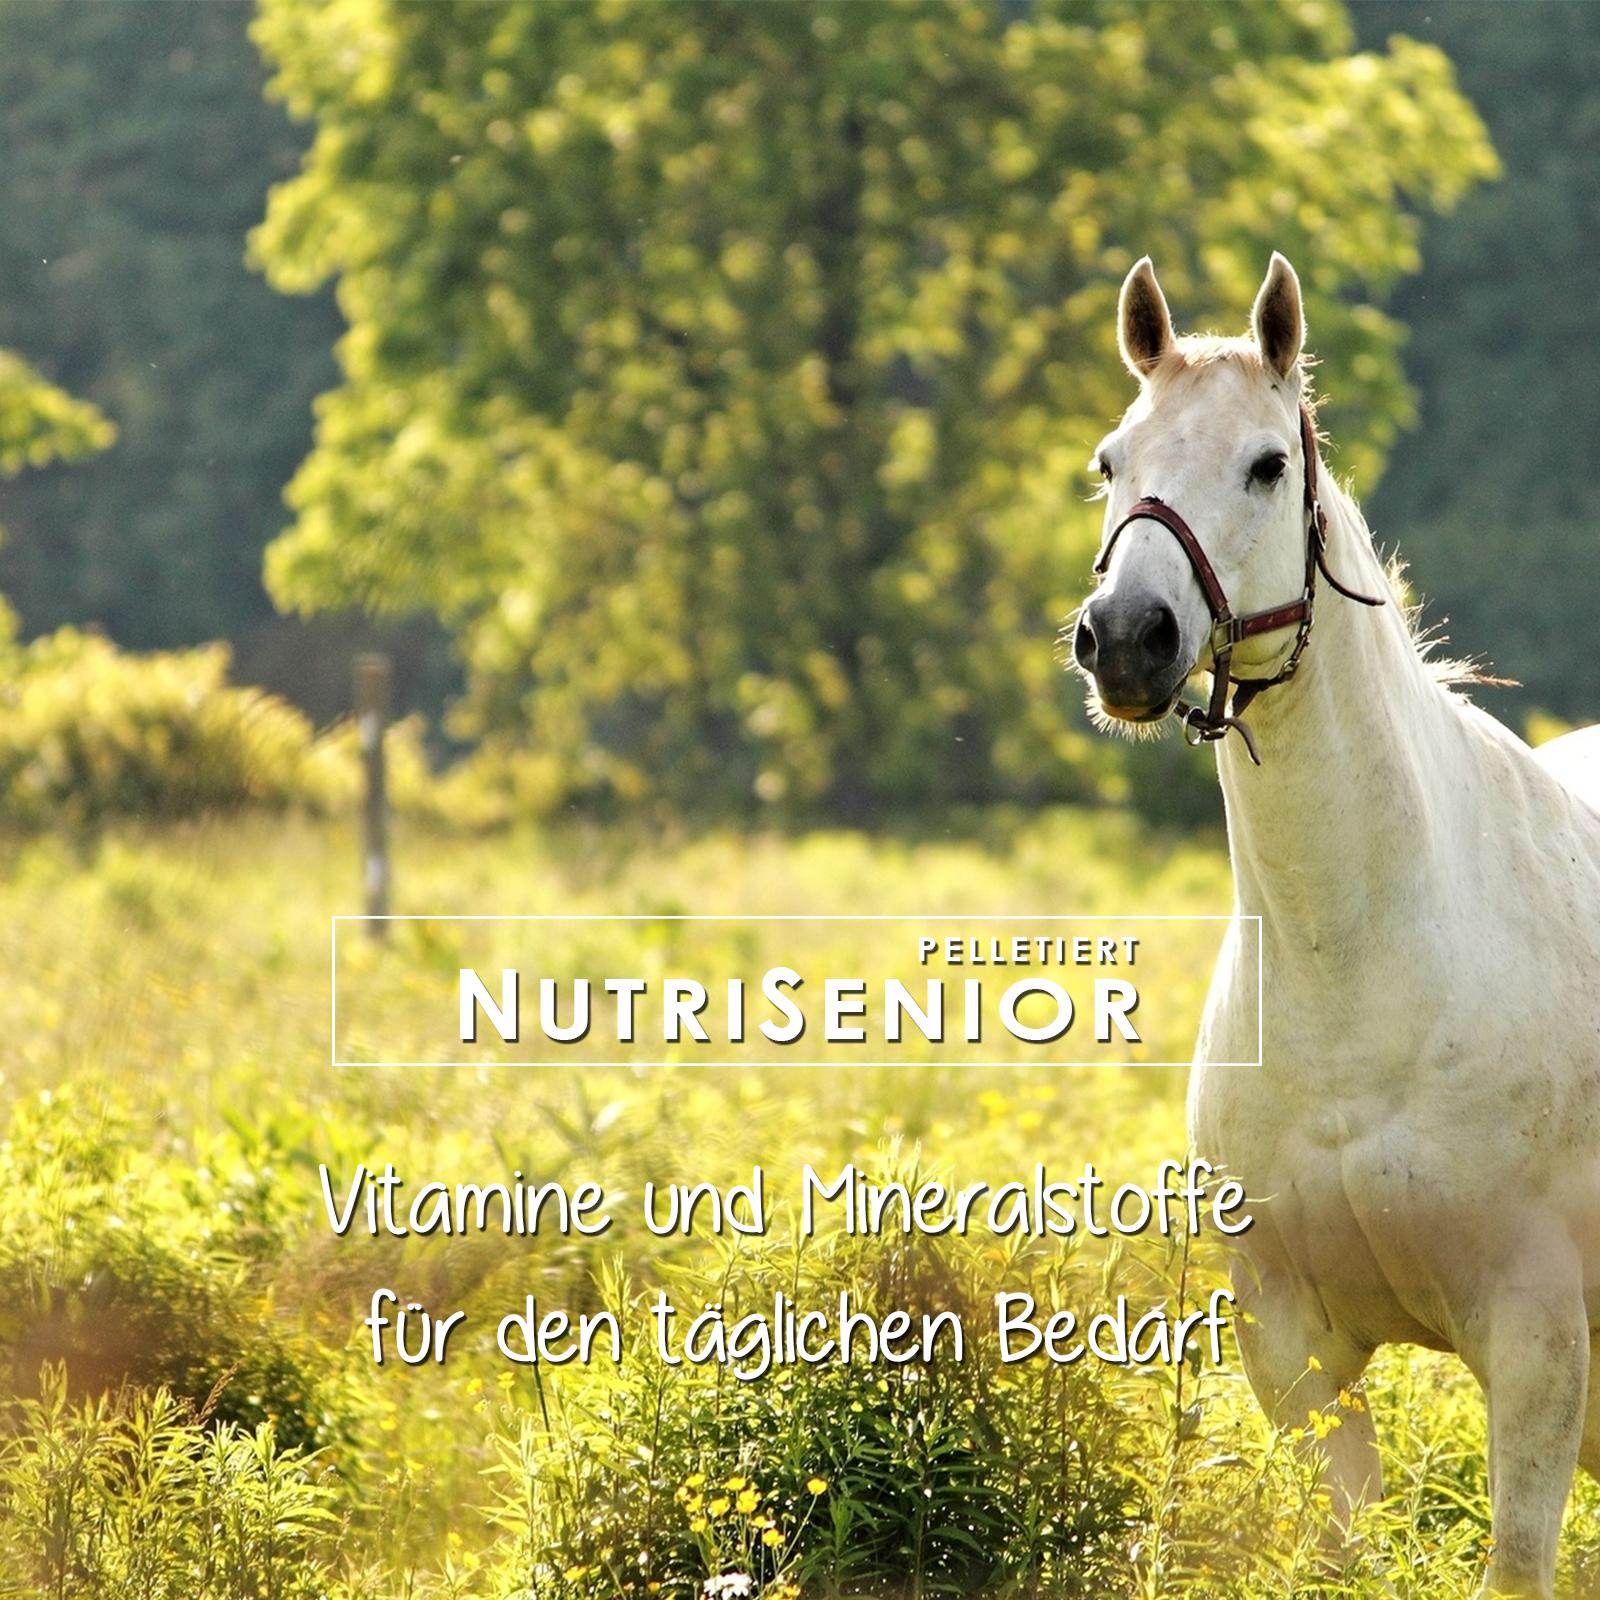 Vitamine und Mineralstoffe für Pferde ab dem 15. Altersjahr, mit Selen, Zink, Eisen, BetaCarotin, Magnesium, Calcium und vielen mehr